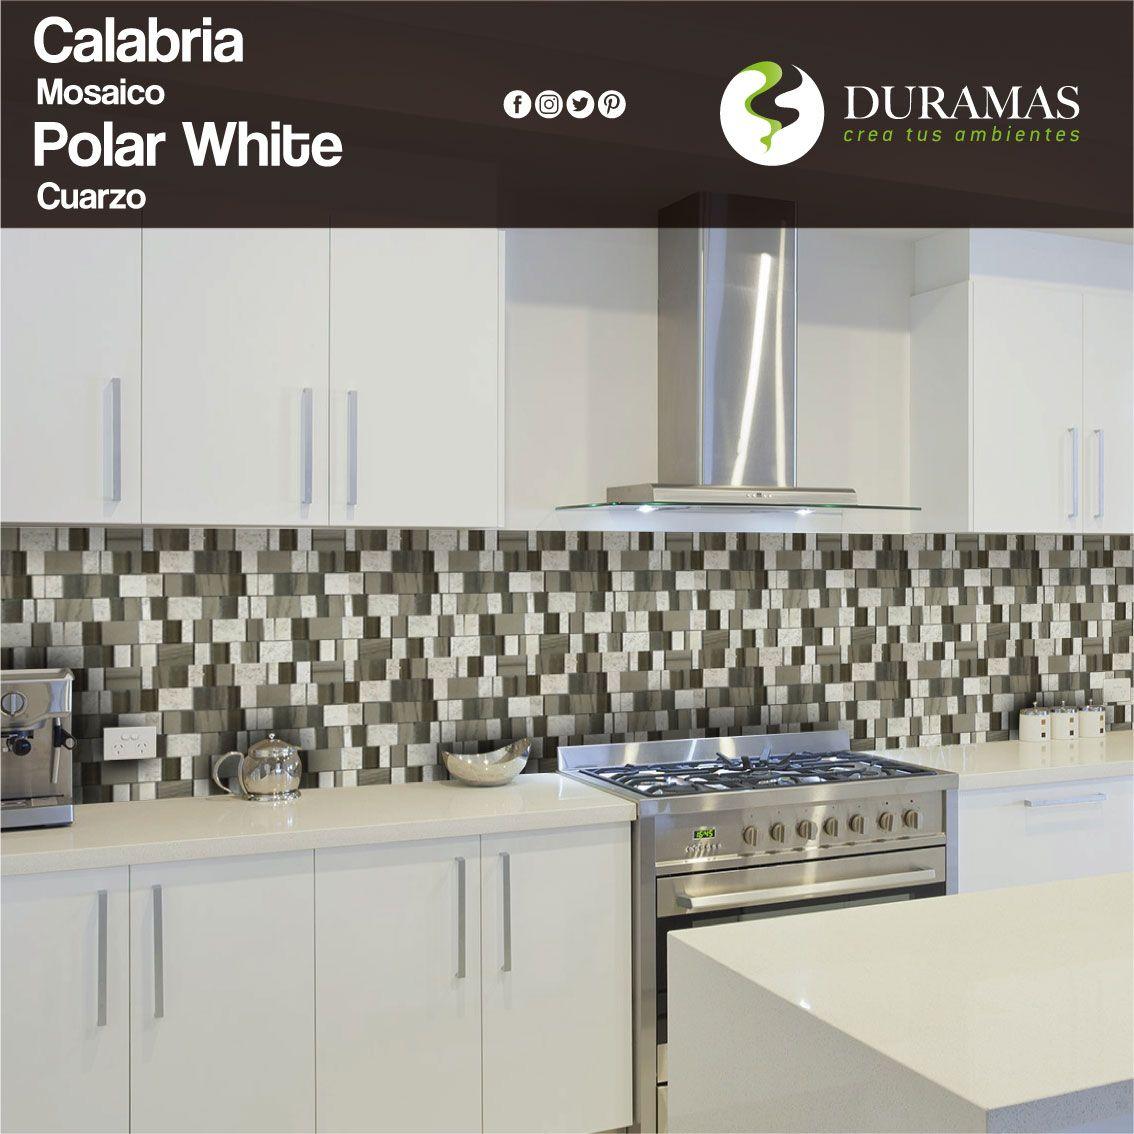 Mosaicos decorativos, ideales para el backsplash de la cocina ...